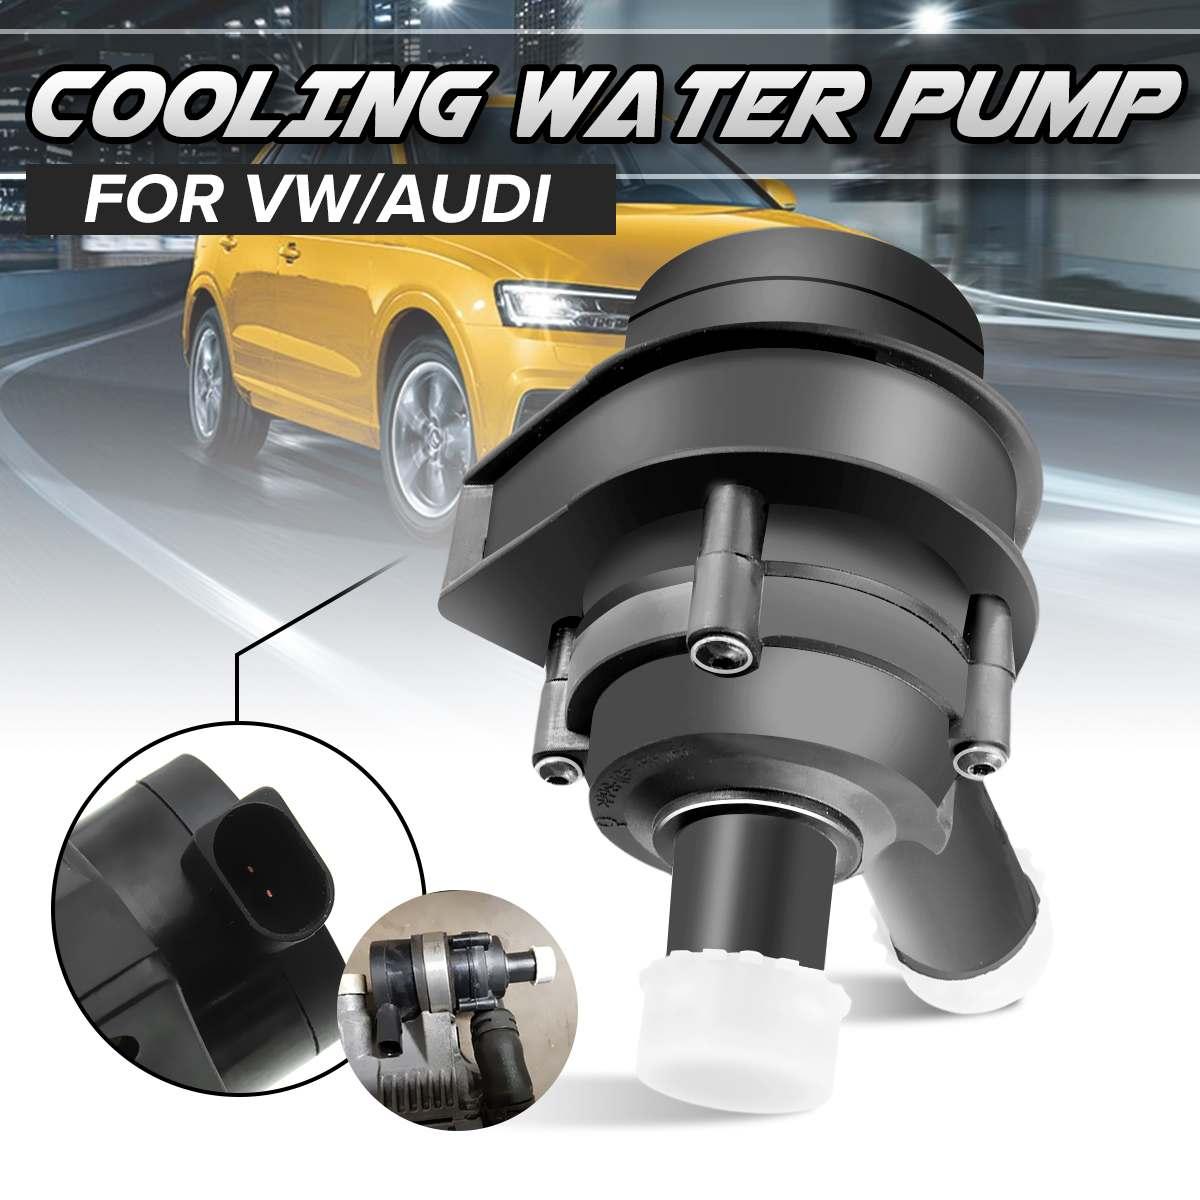 مضخة مياه إضافية إضافية لتبريد محرك السيارة 1K0965561J 1K0 965 561 J For VW Passat B5 B6 Jetta Golf CC For Audi A3